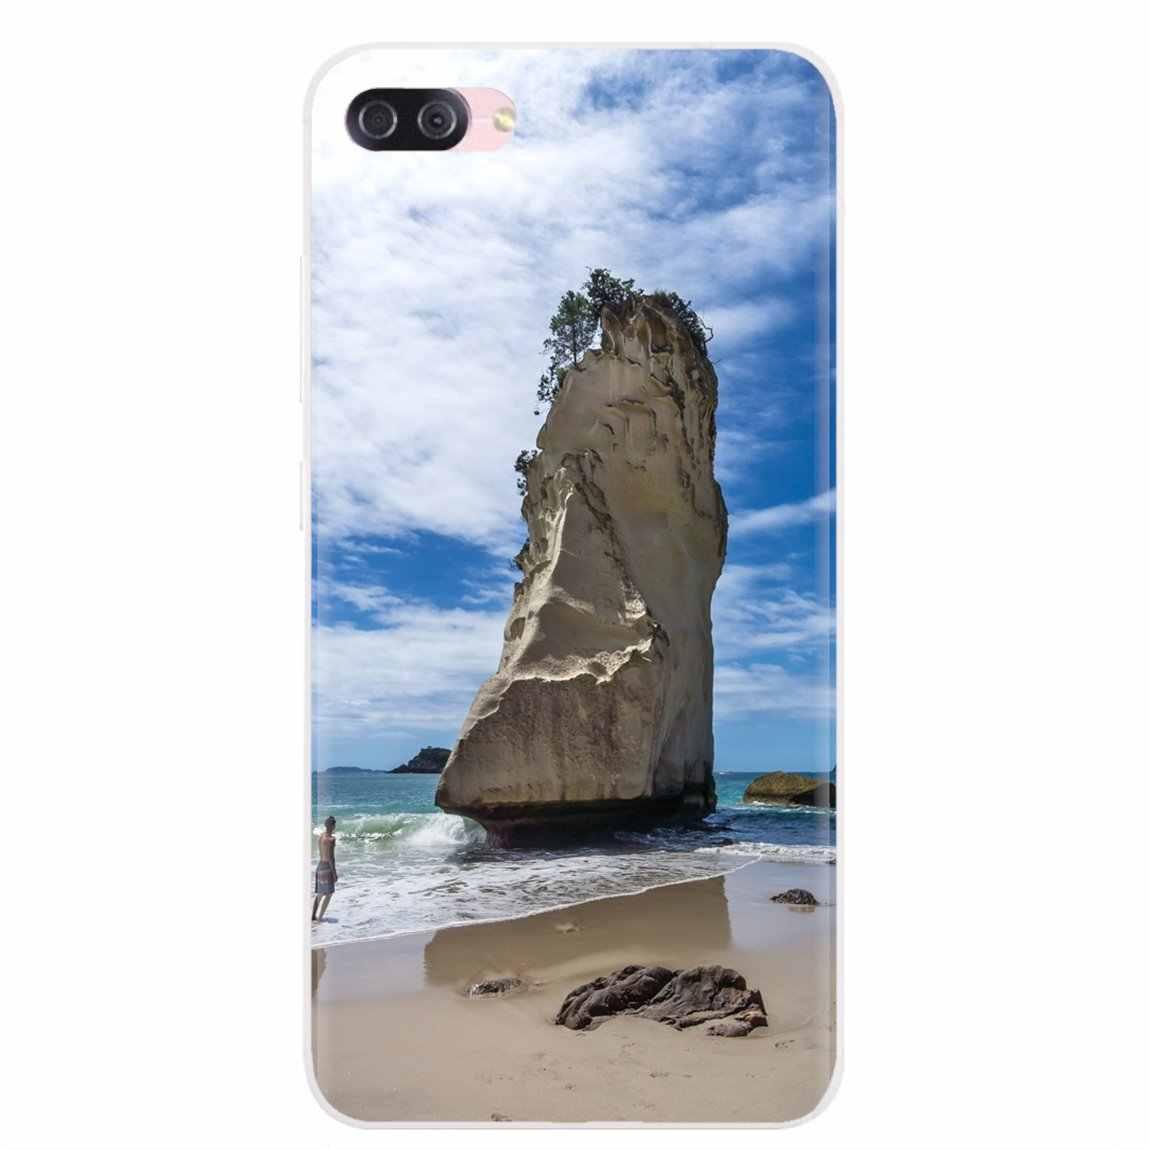 עבור נוקיה X6 2 3 5 6 8 9 230 3310 2.1 3.1 5.1 7 בתוספת 2017 2018 אישית סיליקון טלפון מקרה ew זילנד Coromandel חצי האי